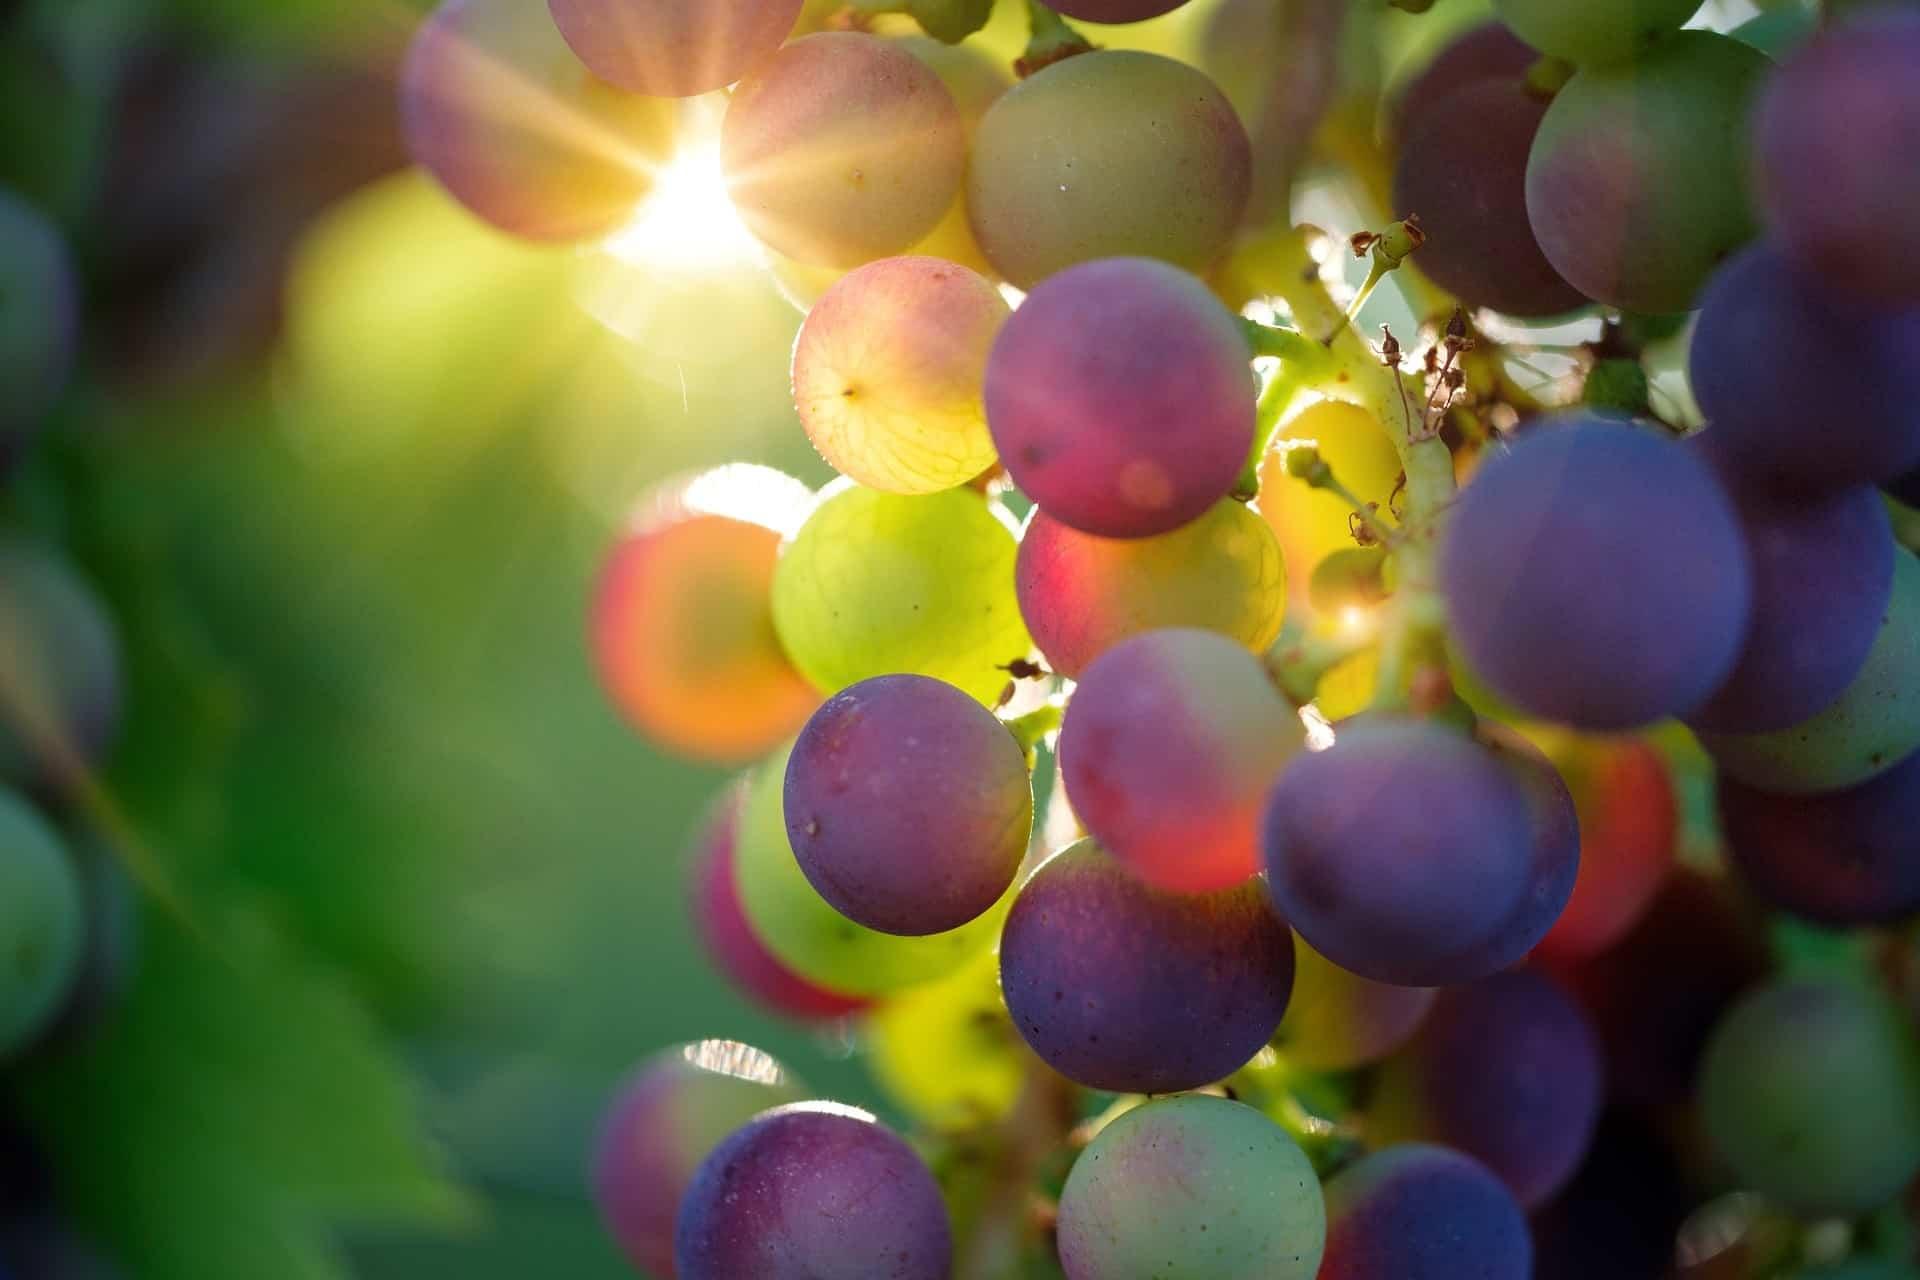 Lauffener Weingärtner mit der Qualität der Reben zufrieden